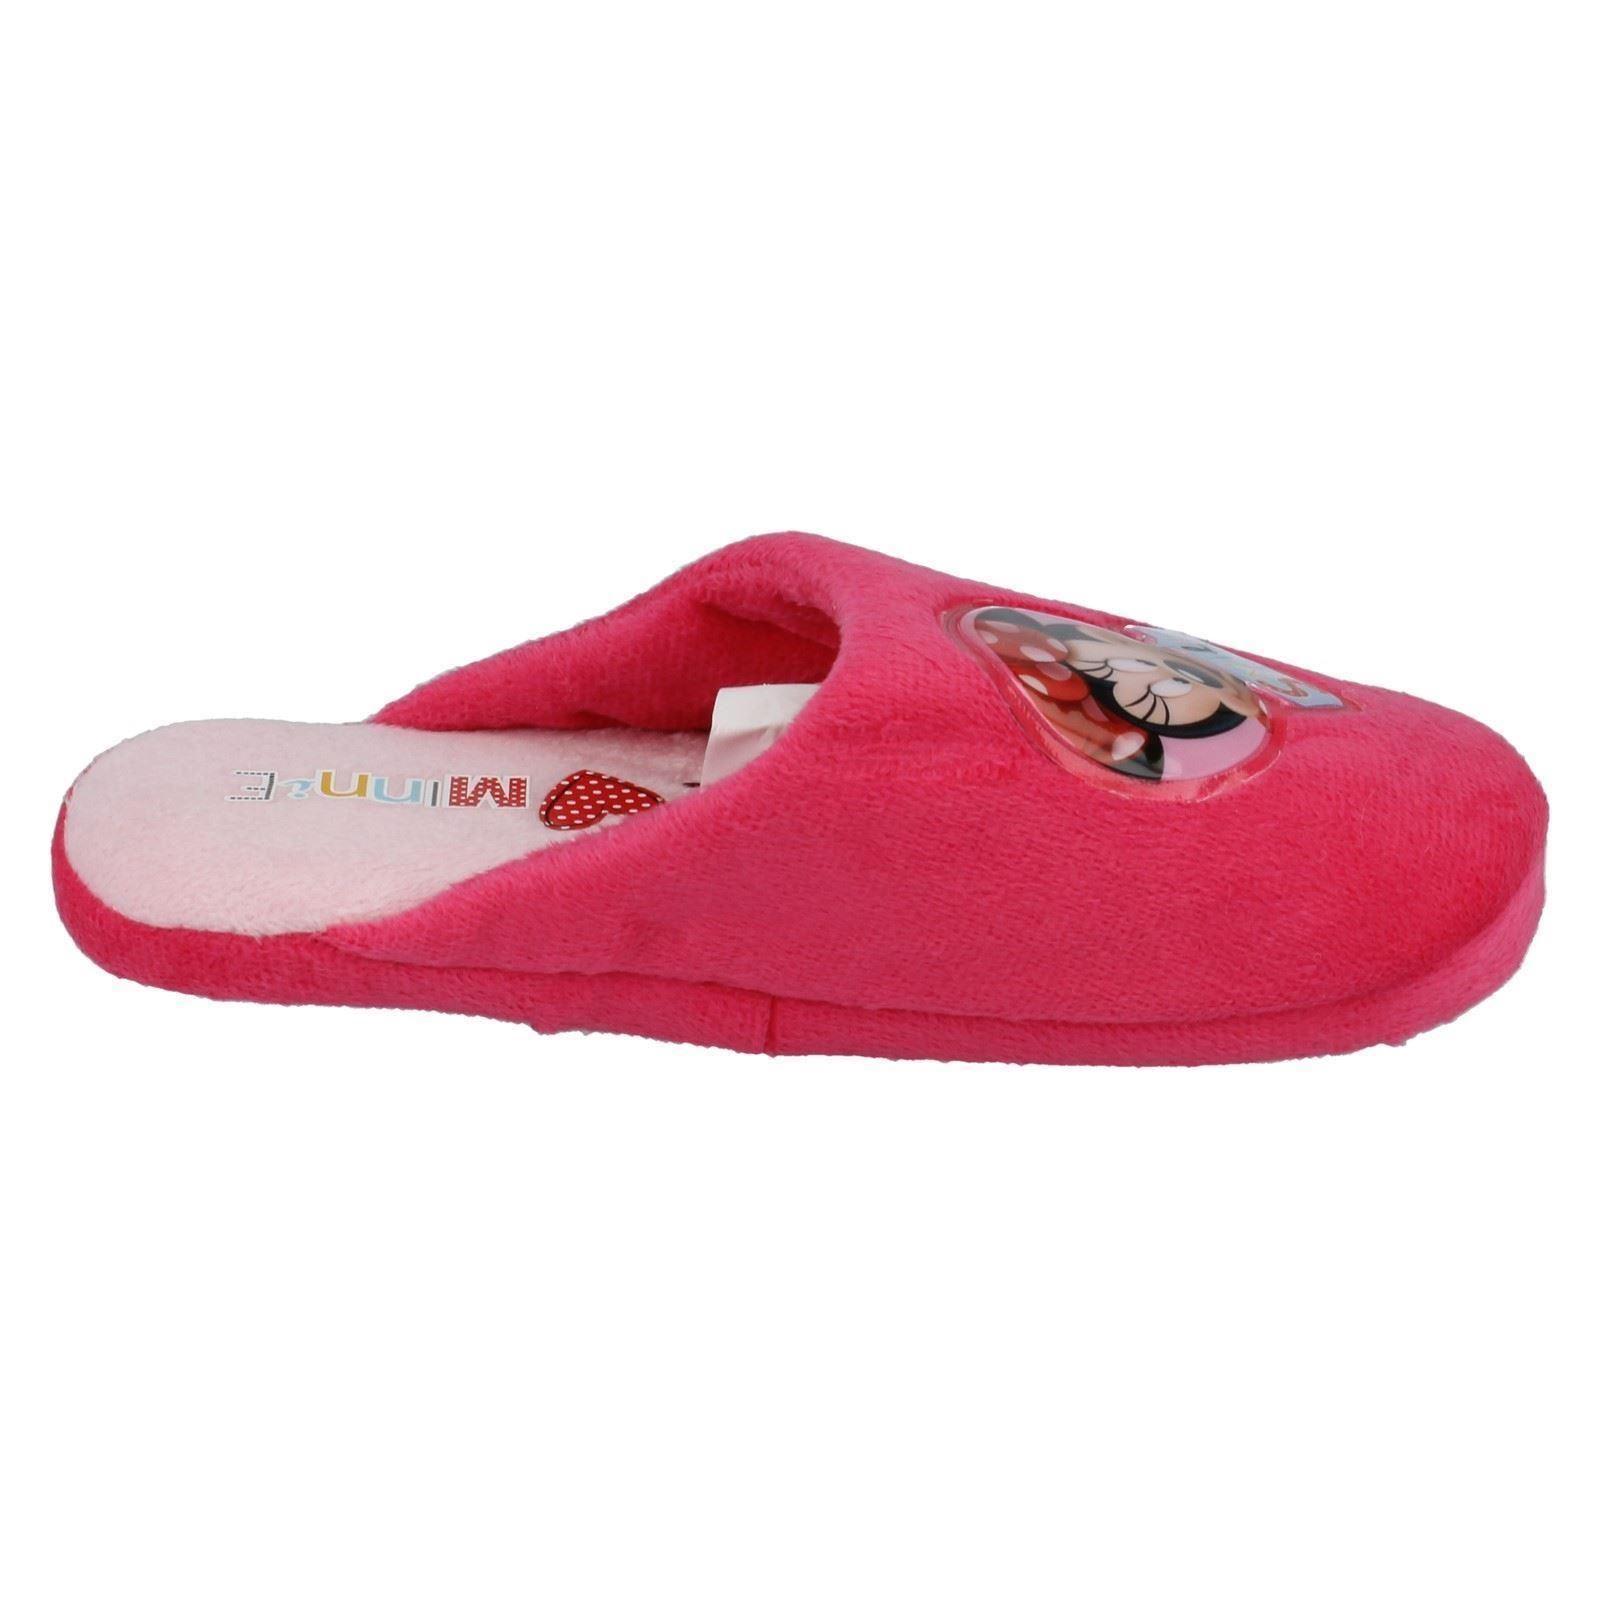 Chicas Disney Rosa Slip On Cerrado El Interior De Minnie Mouse Zapatillas wd8147